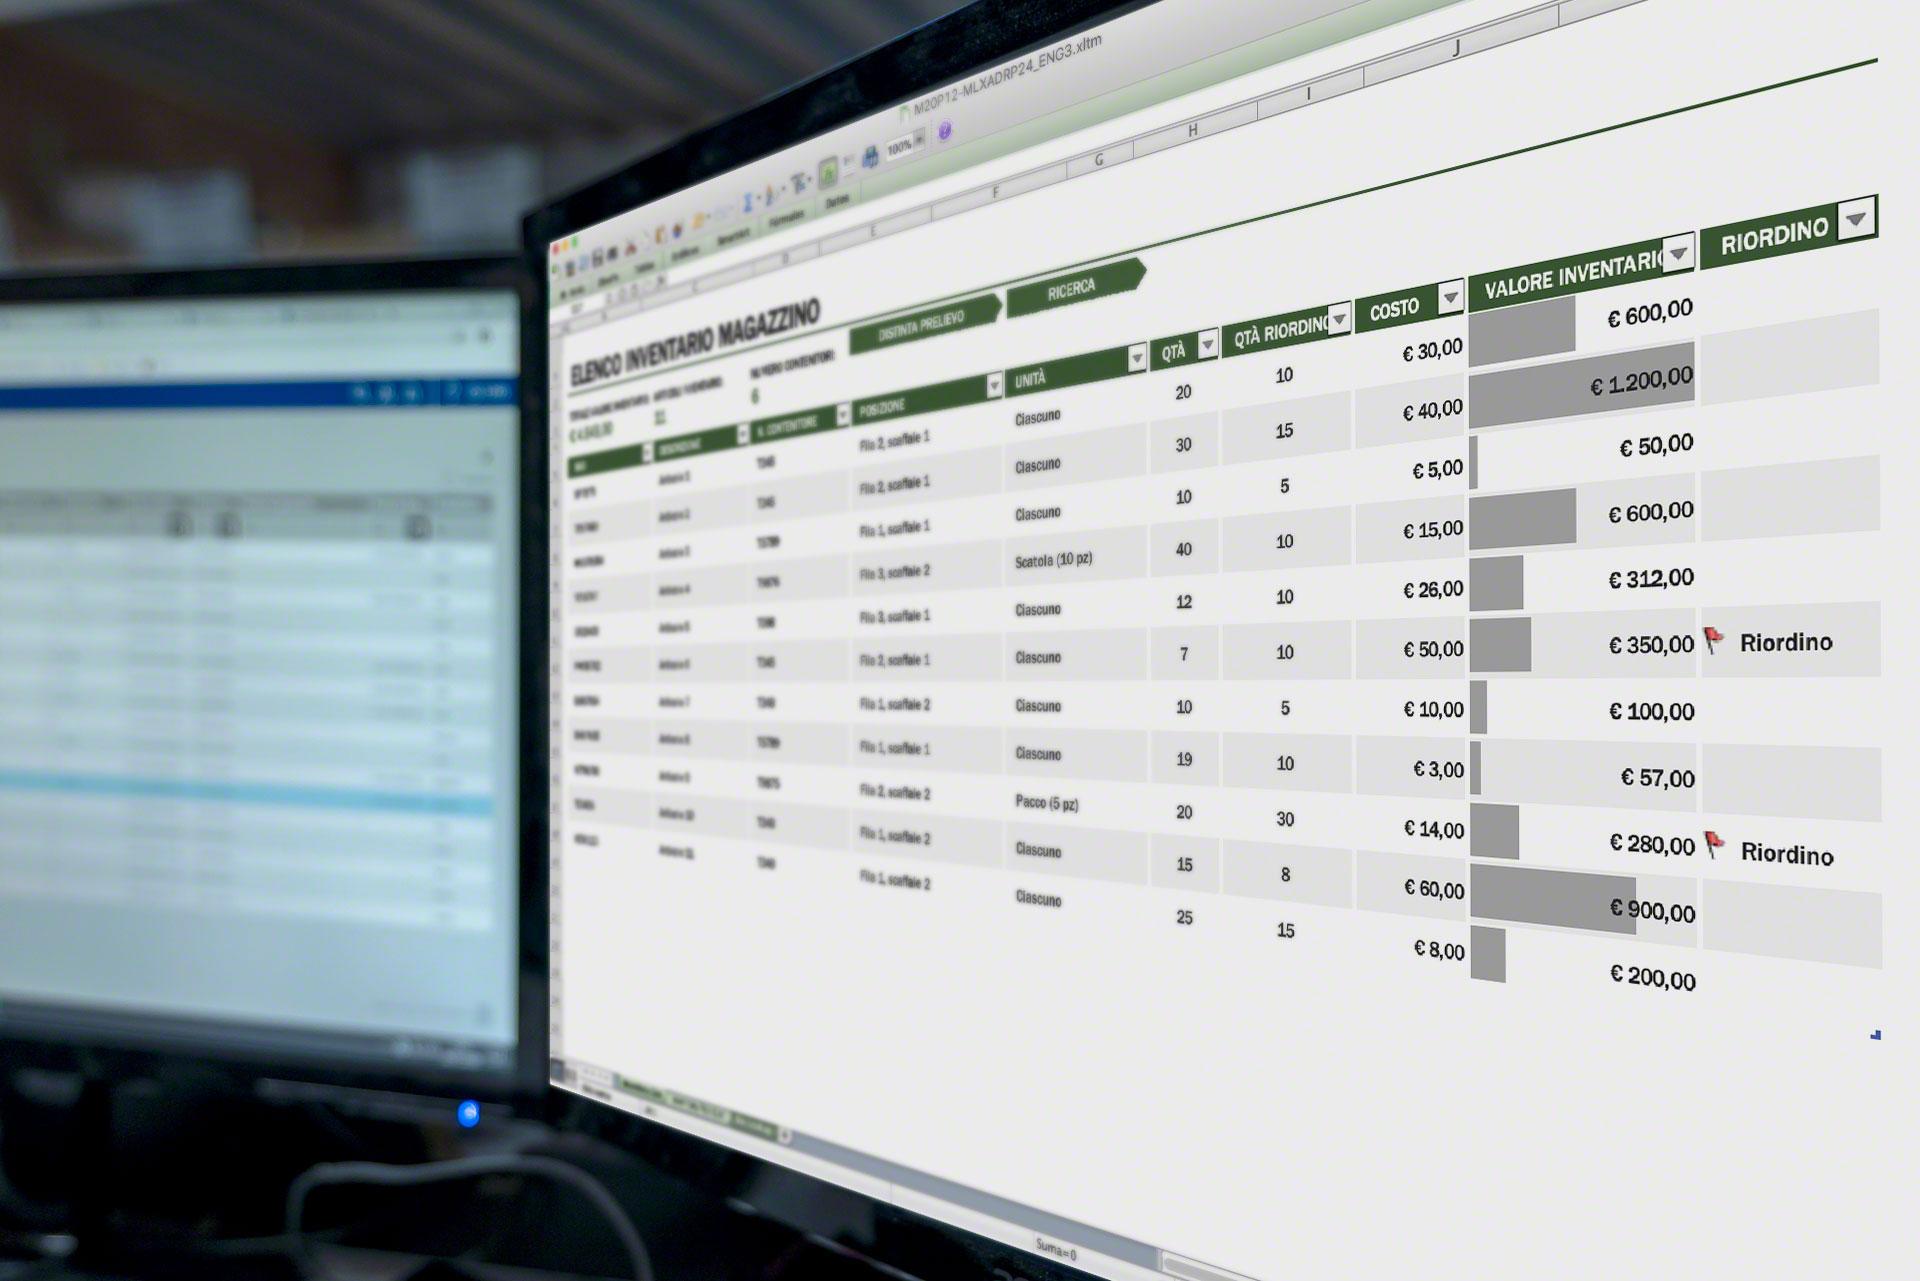 Numerose aziende utilizzano modelli Excel per l'inventario di magazzino